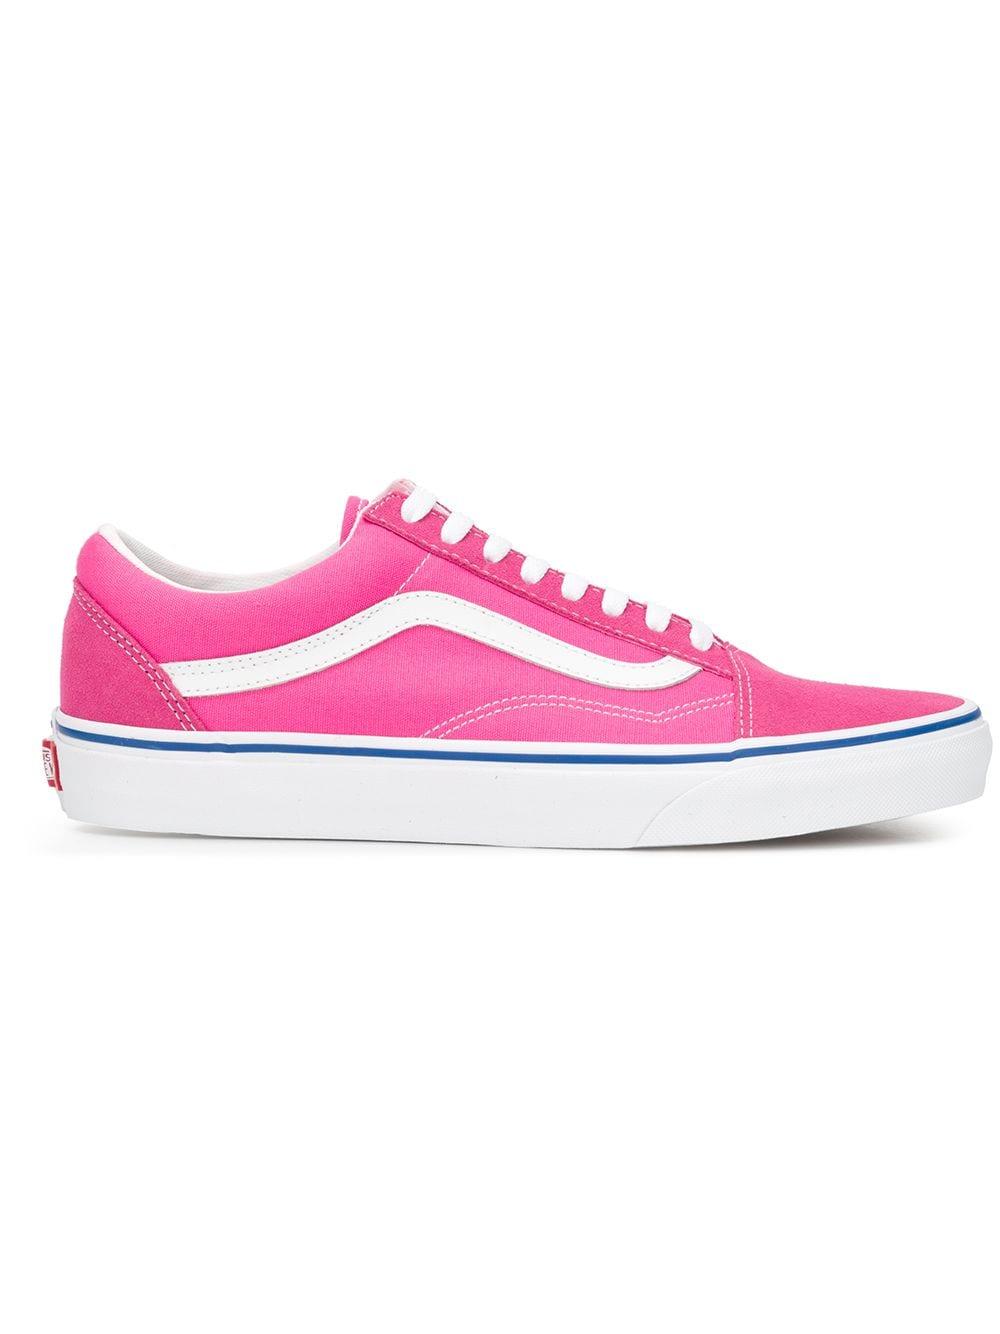 Vans Low-top Sneakers In Pink   ModeSens